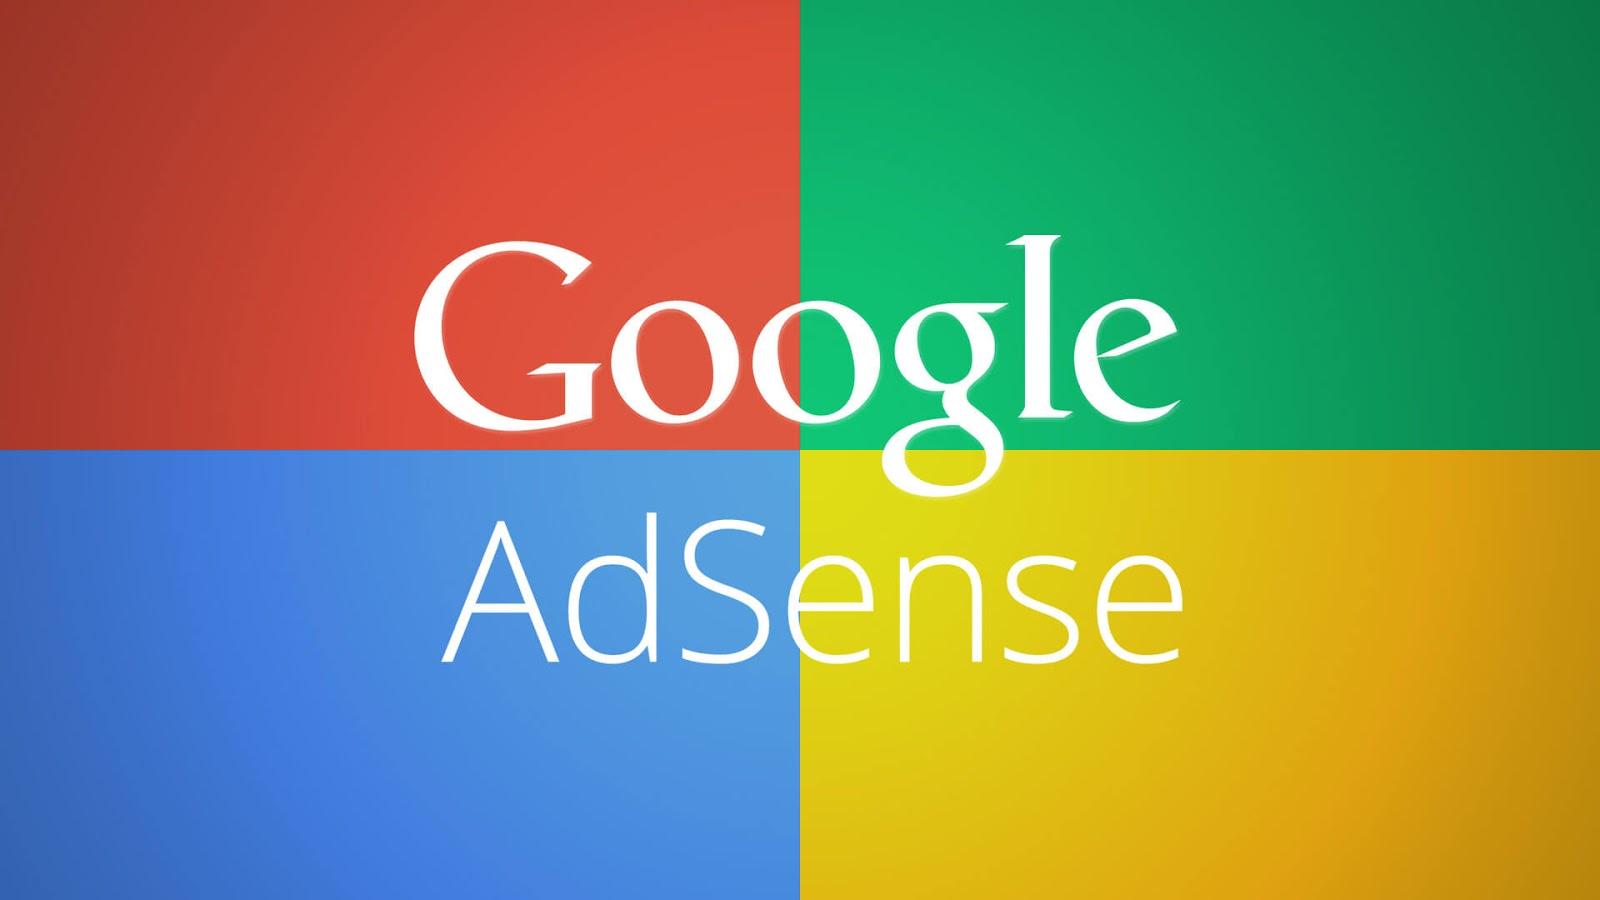 Google Adsense Semakin Ketat, Google Akan Menghukum Situs Yang Penuh Iklan Daripada Konten